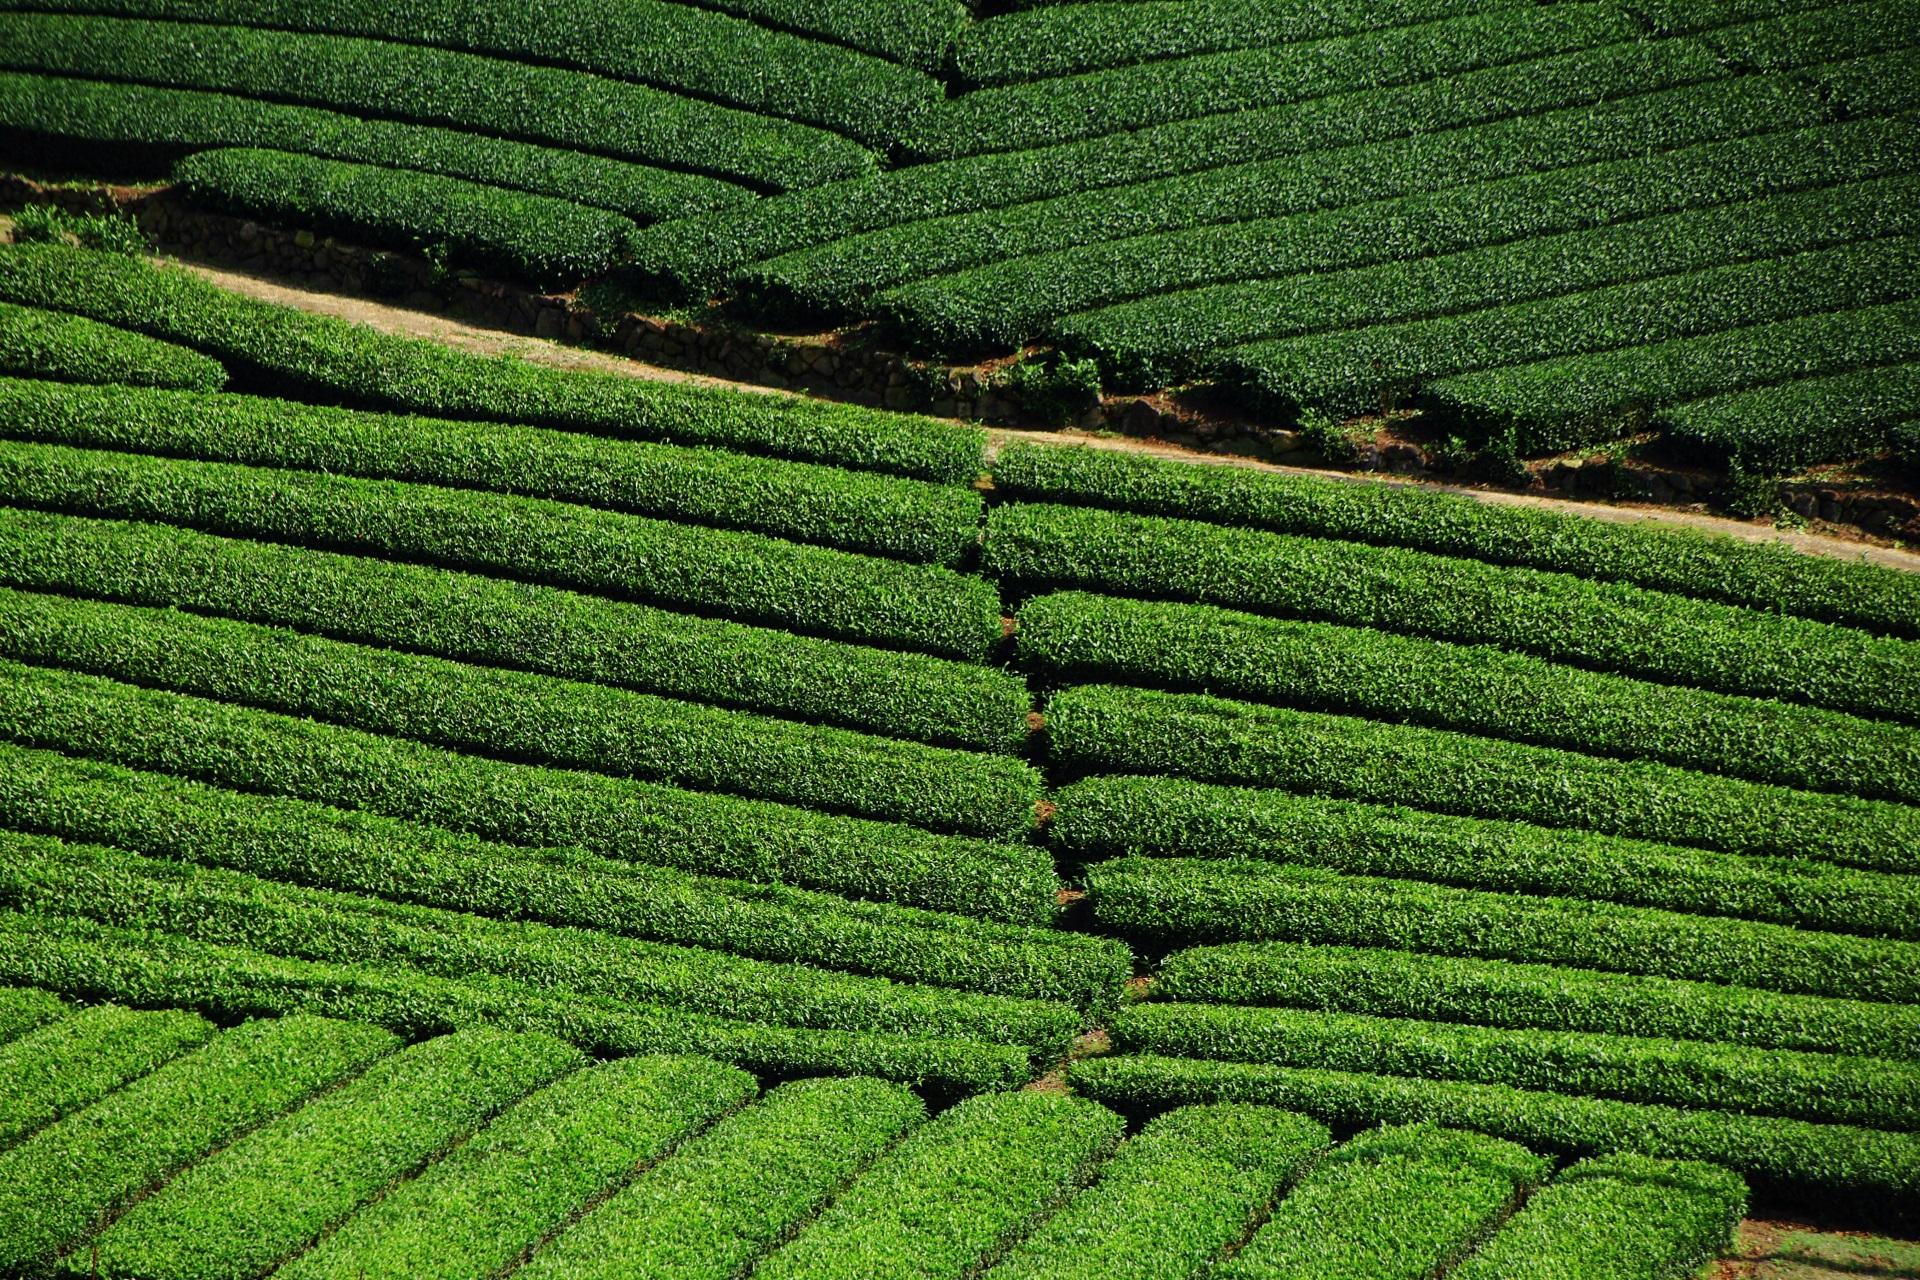 いろんな向きの緑のお茶畑ロール